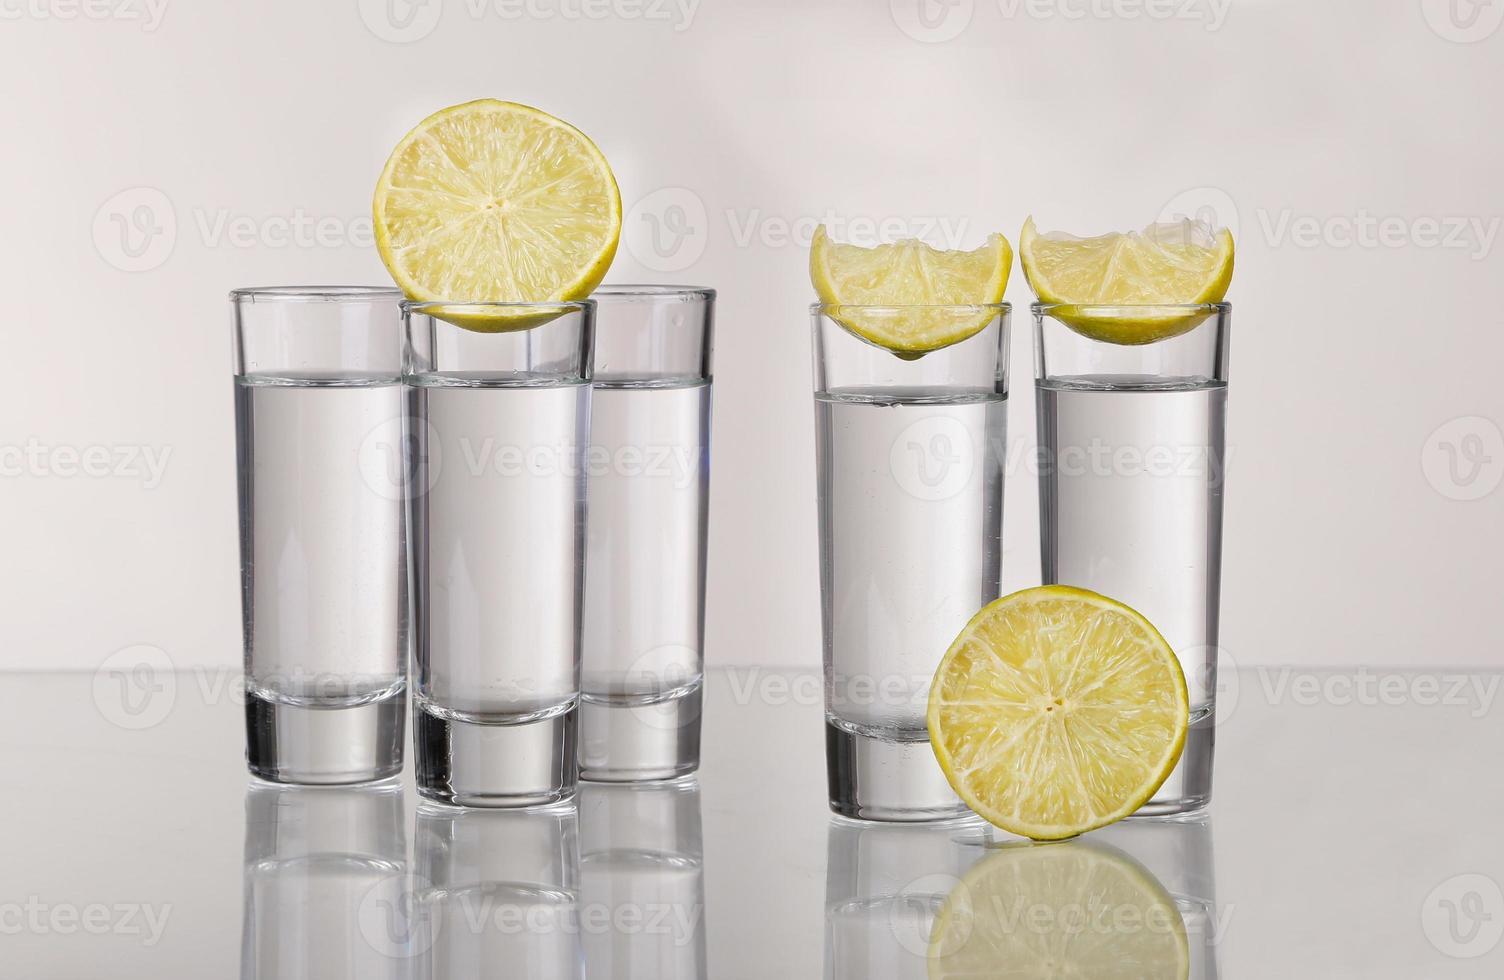 tre colpi di tequila oro con calce isolato su sfondo bianco foto